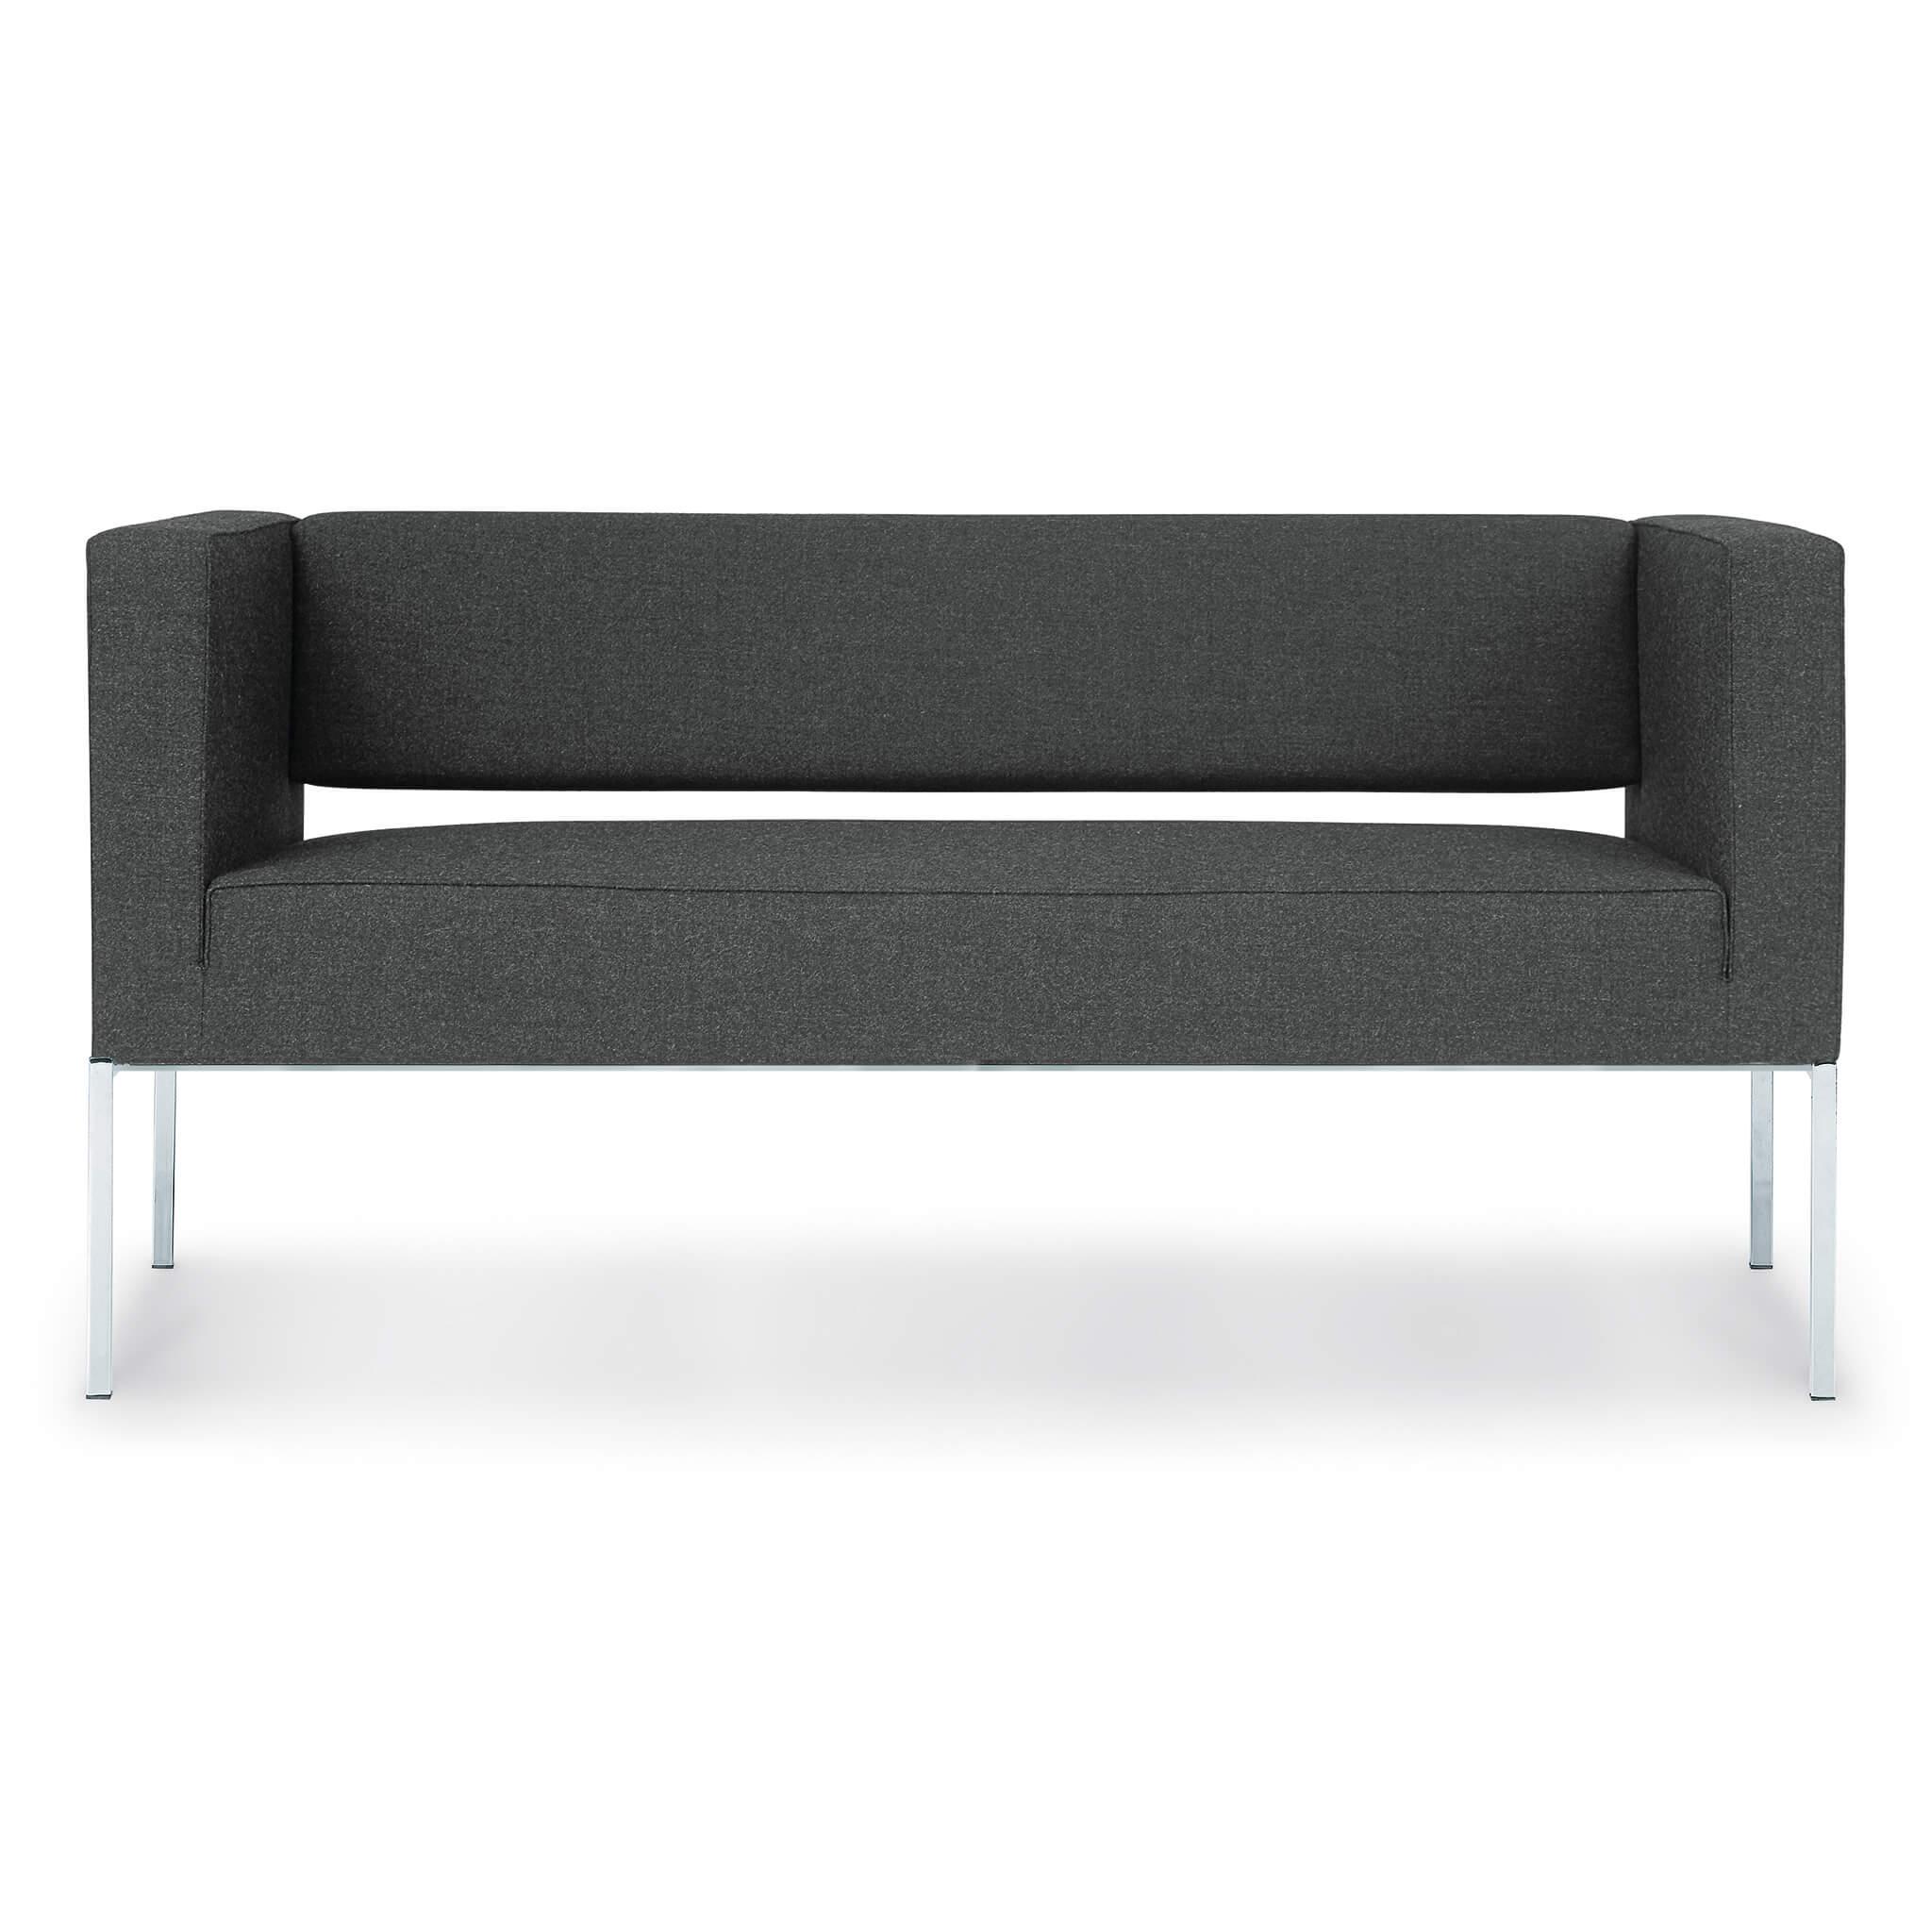 ZÜCO Rilasso RS 0812 Loungesofa, 2-Sitzer mit Design-Gestell für den Loungebereich